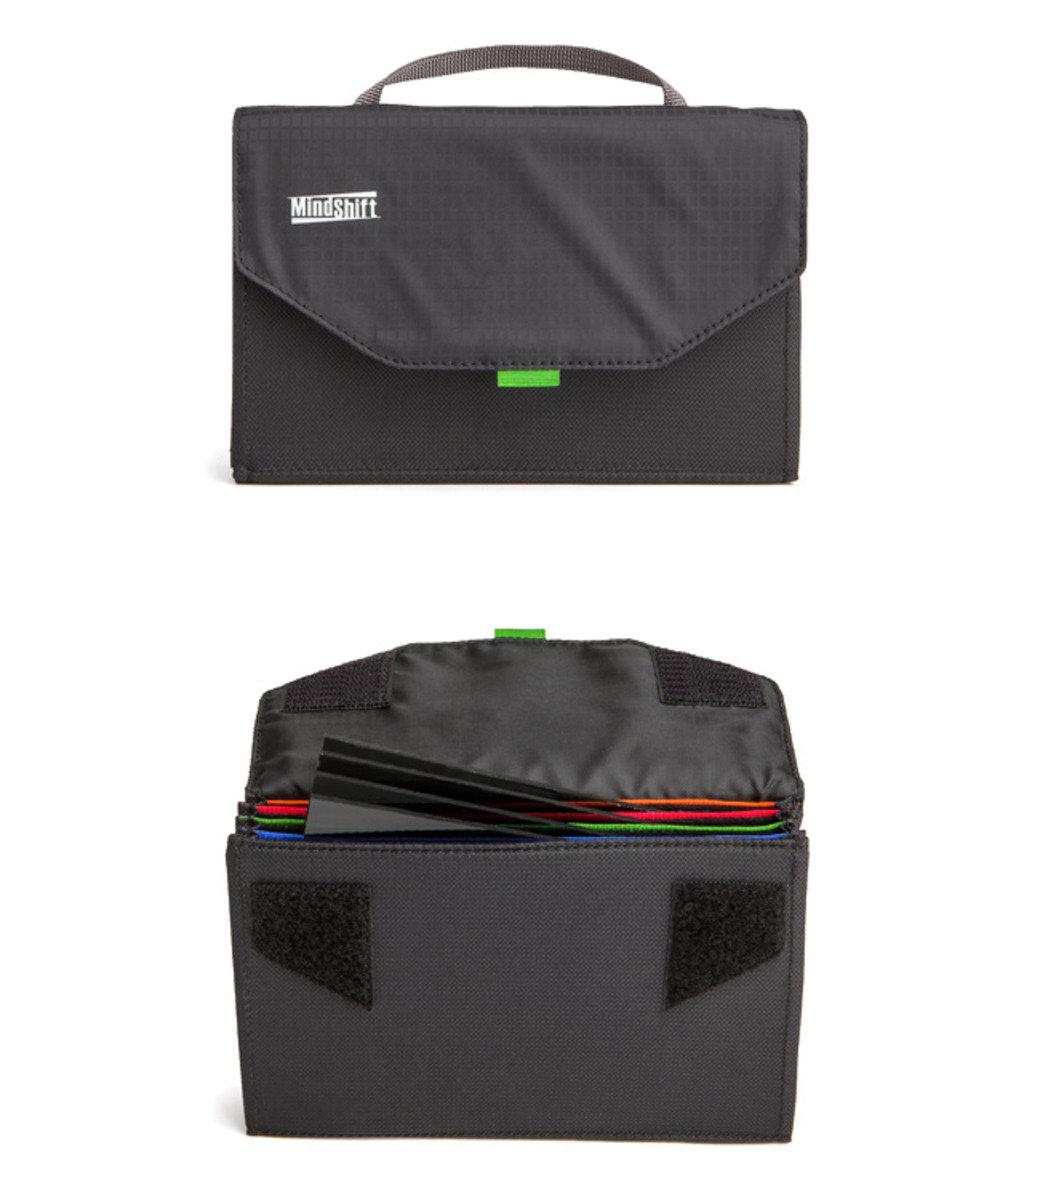 方形濾鏡收納包-黑色